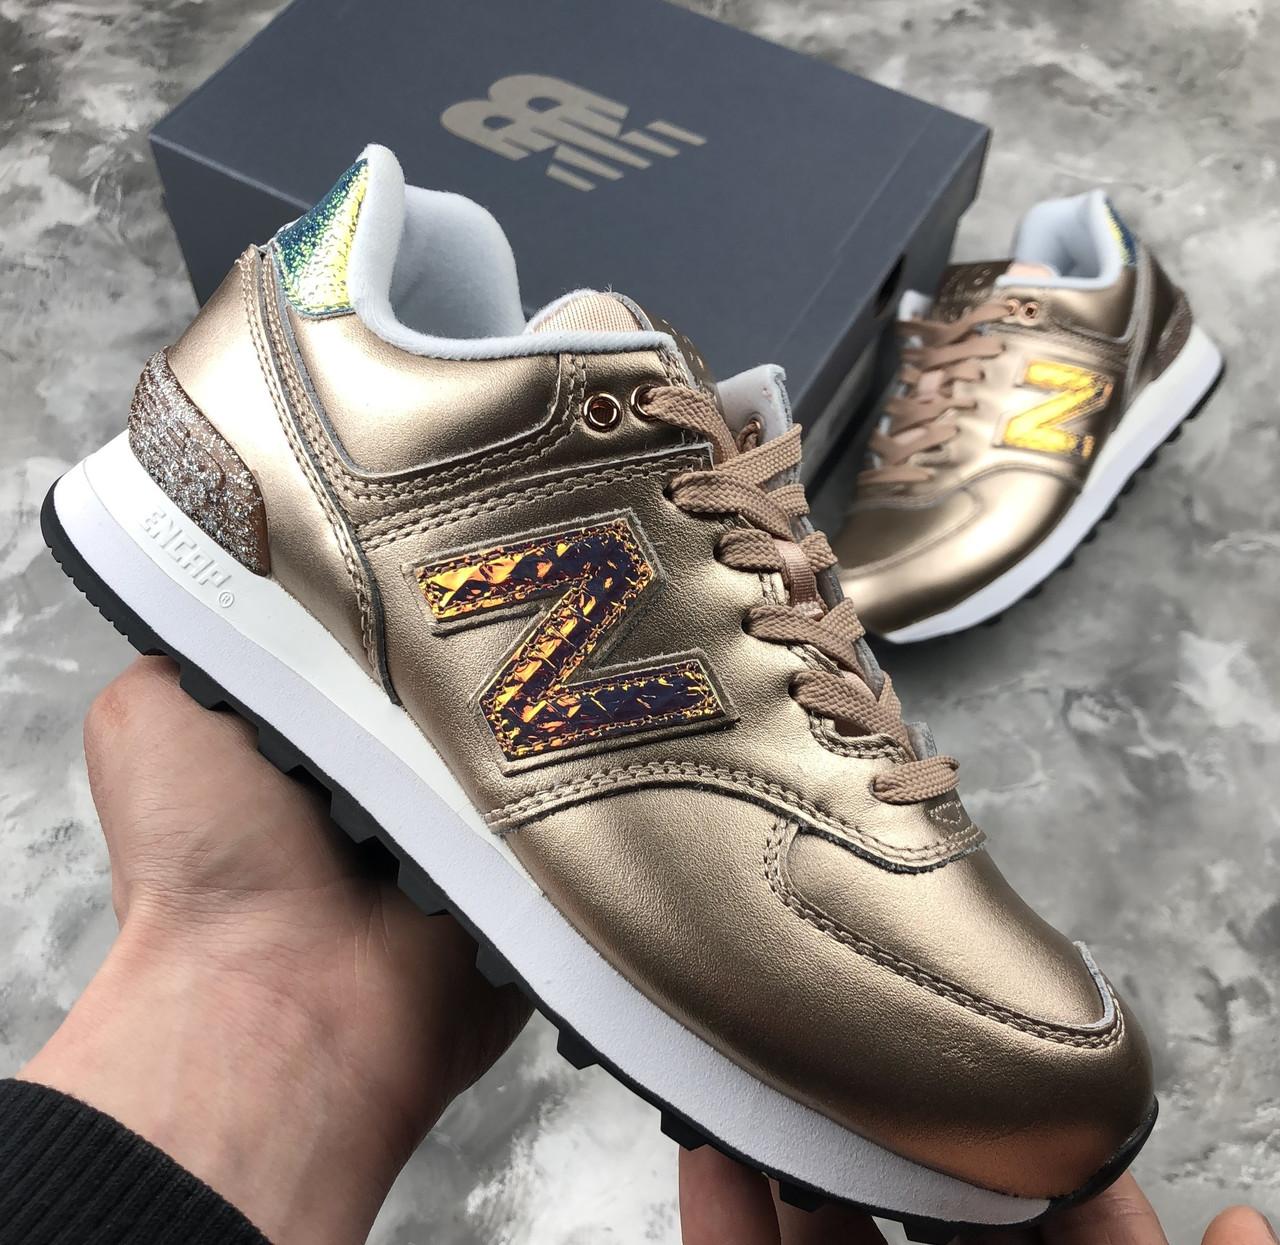 397b5b6c8c7e90 Кроссовки женские стильные золотые New Balance 574 Glitter Punk Оригинал  Нью Баланс - Магазин обуви Go